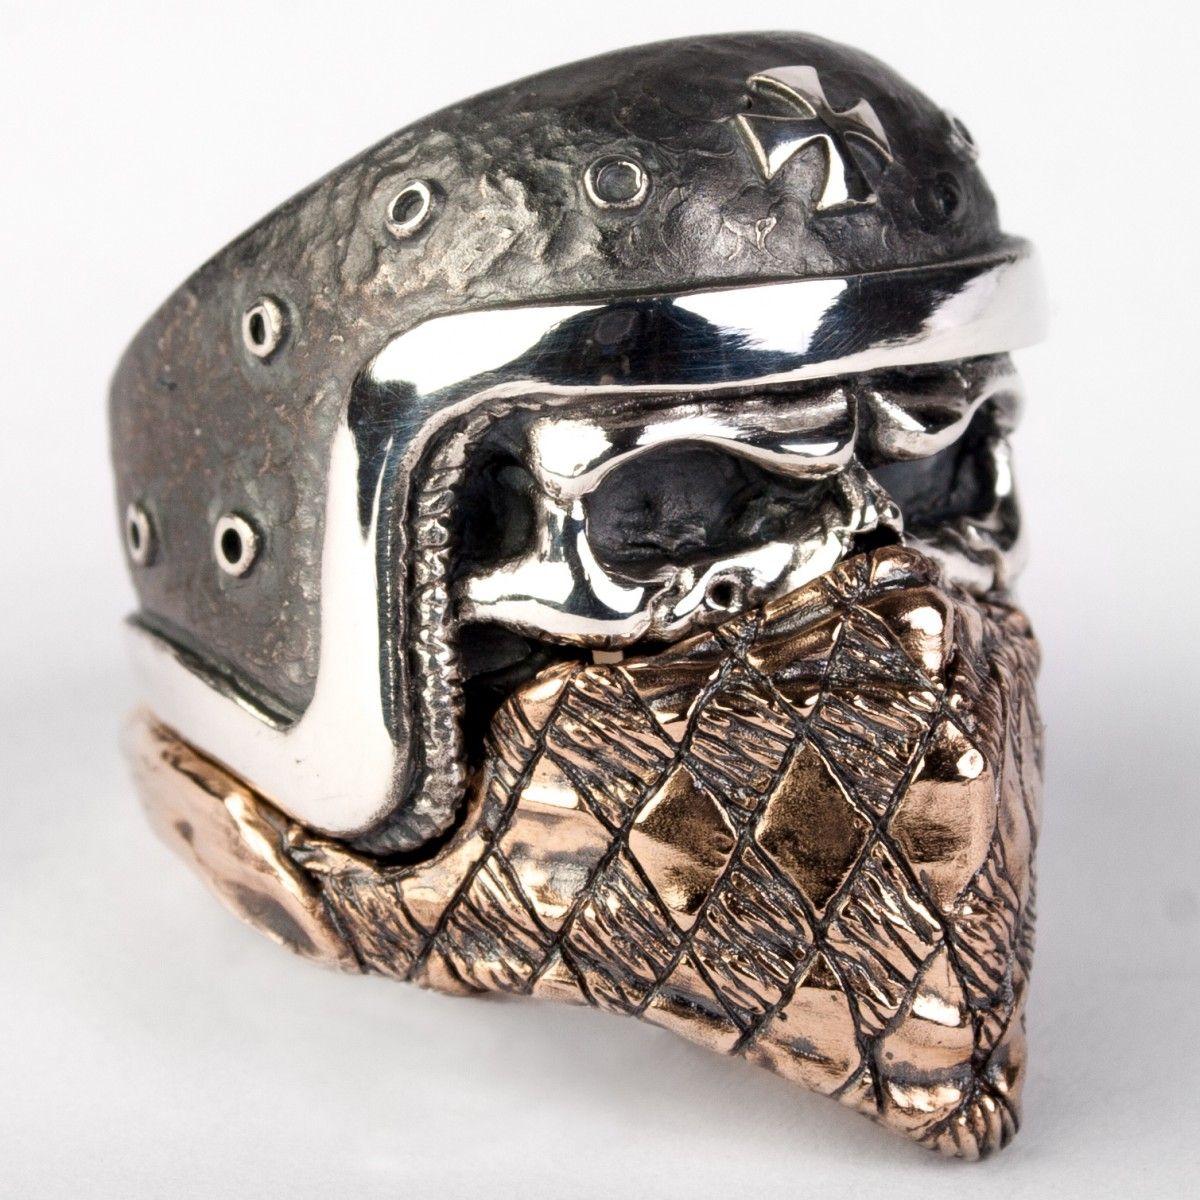 980f79447d8d Biker Skull Ring Iron Cross With Bandana Evil Rings